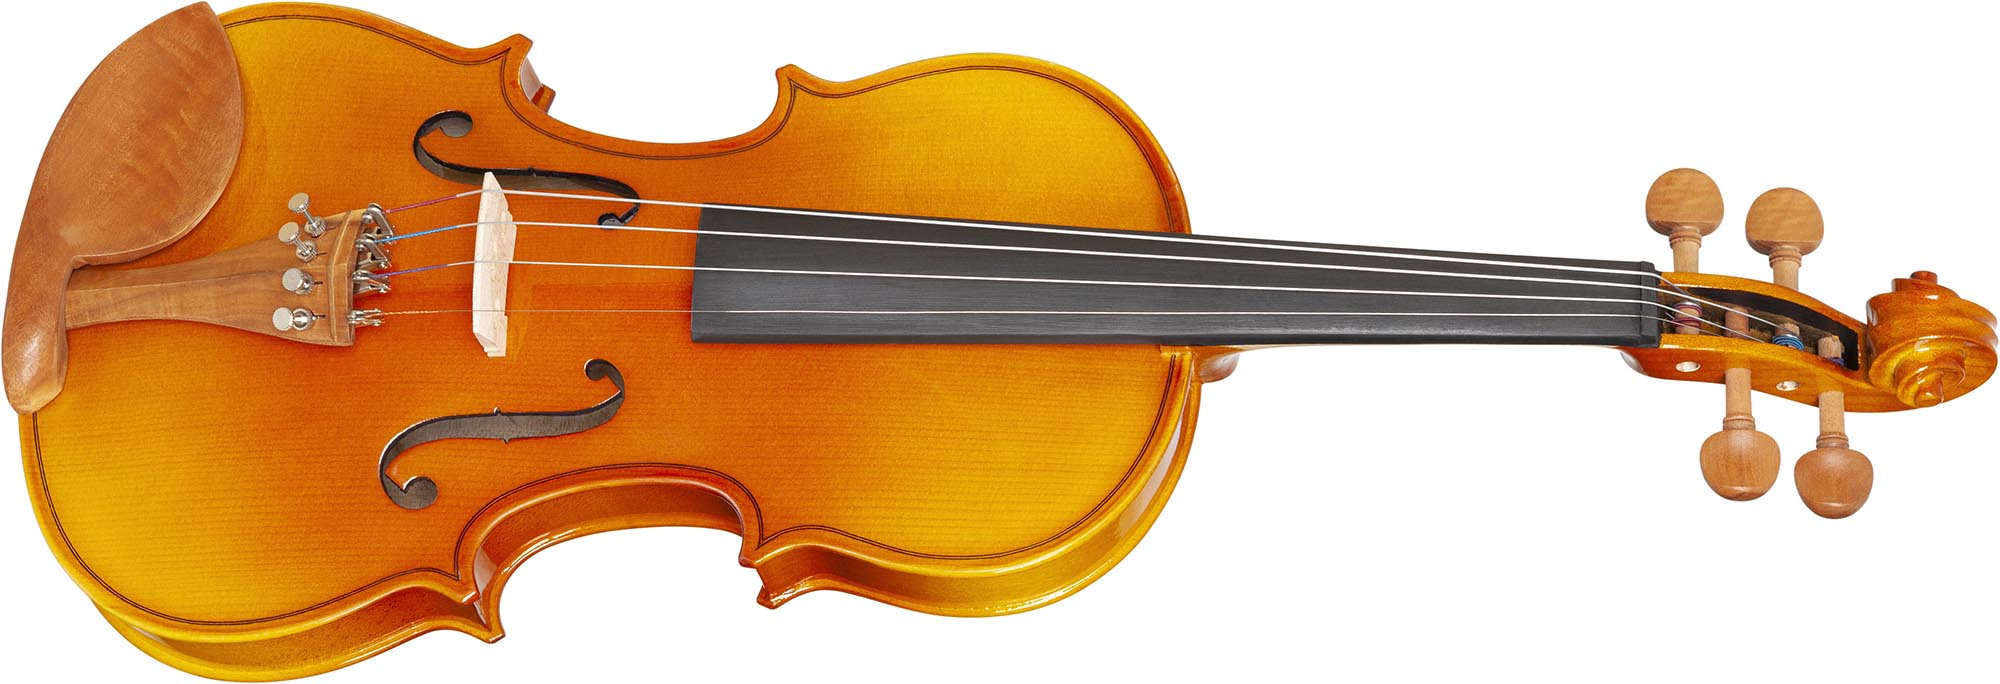 ve443 violino eagle ve443 visao frontal